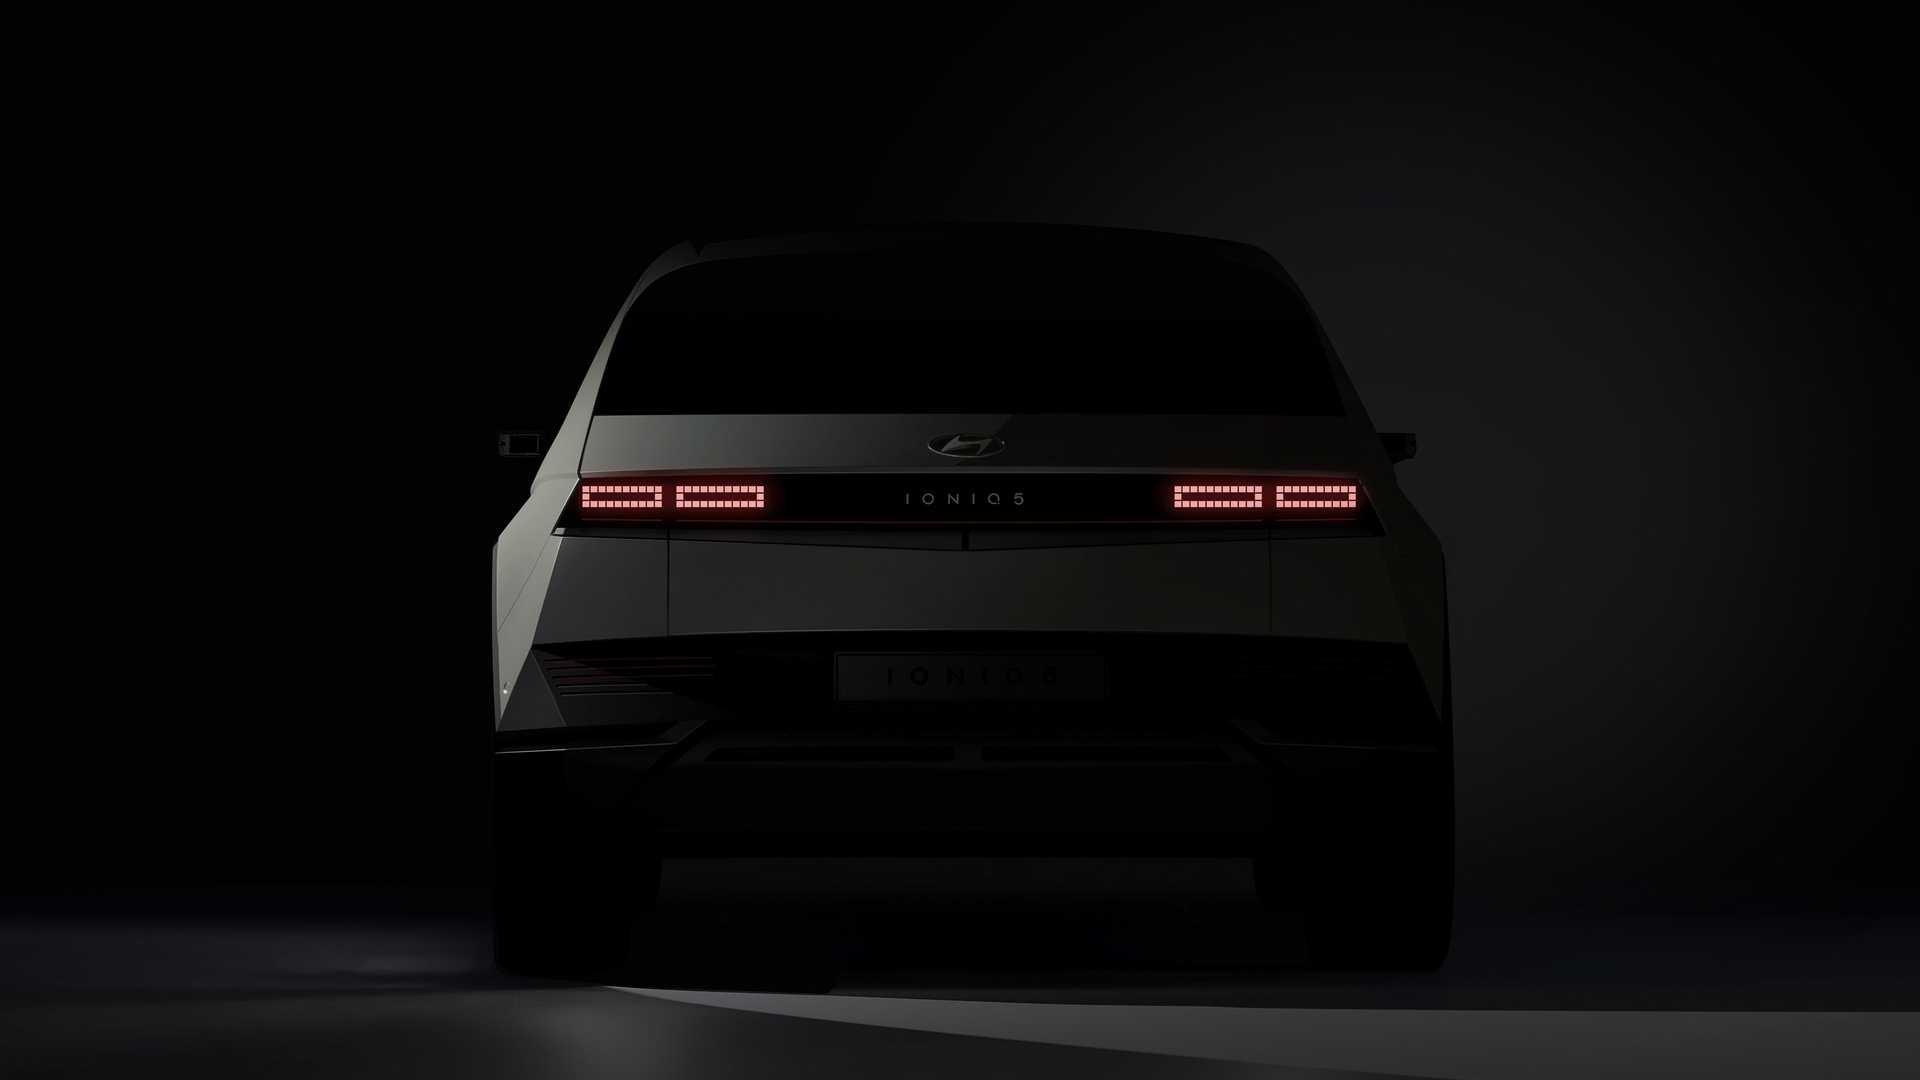 2022-hyundai-ioniq-5-teaser-rear-end